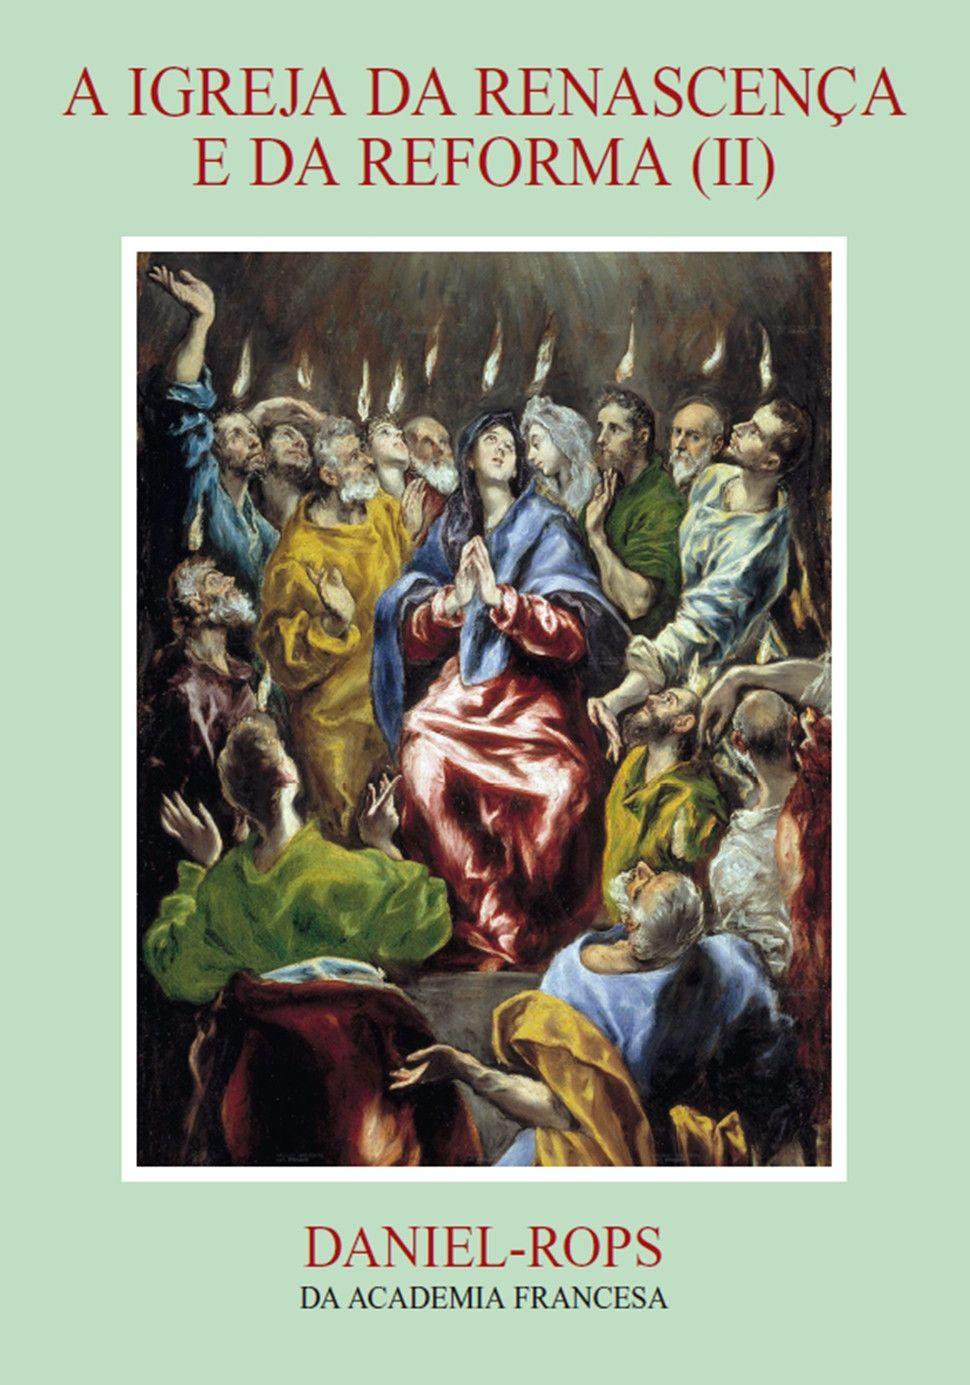 A Igreja da renascença e da reforma (II) - Volume V